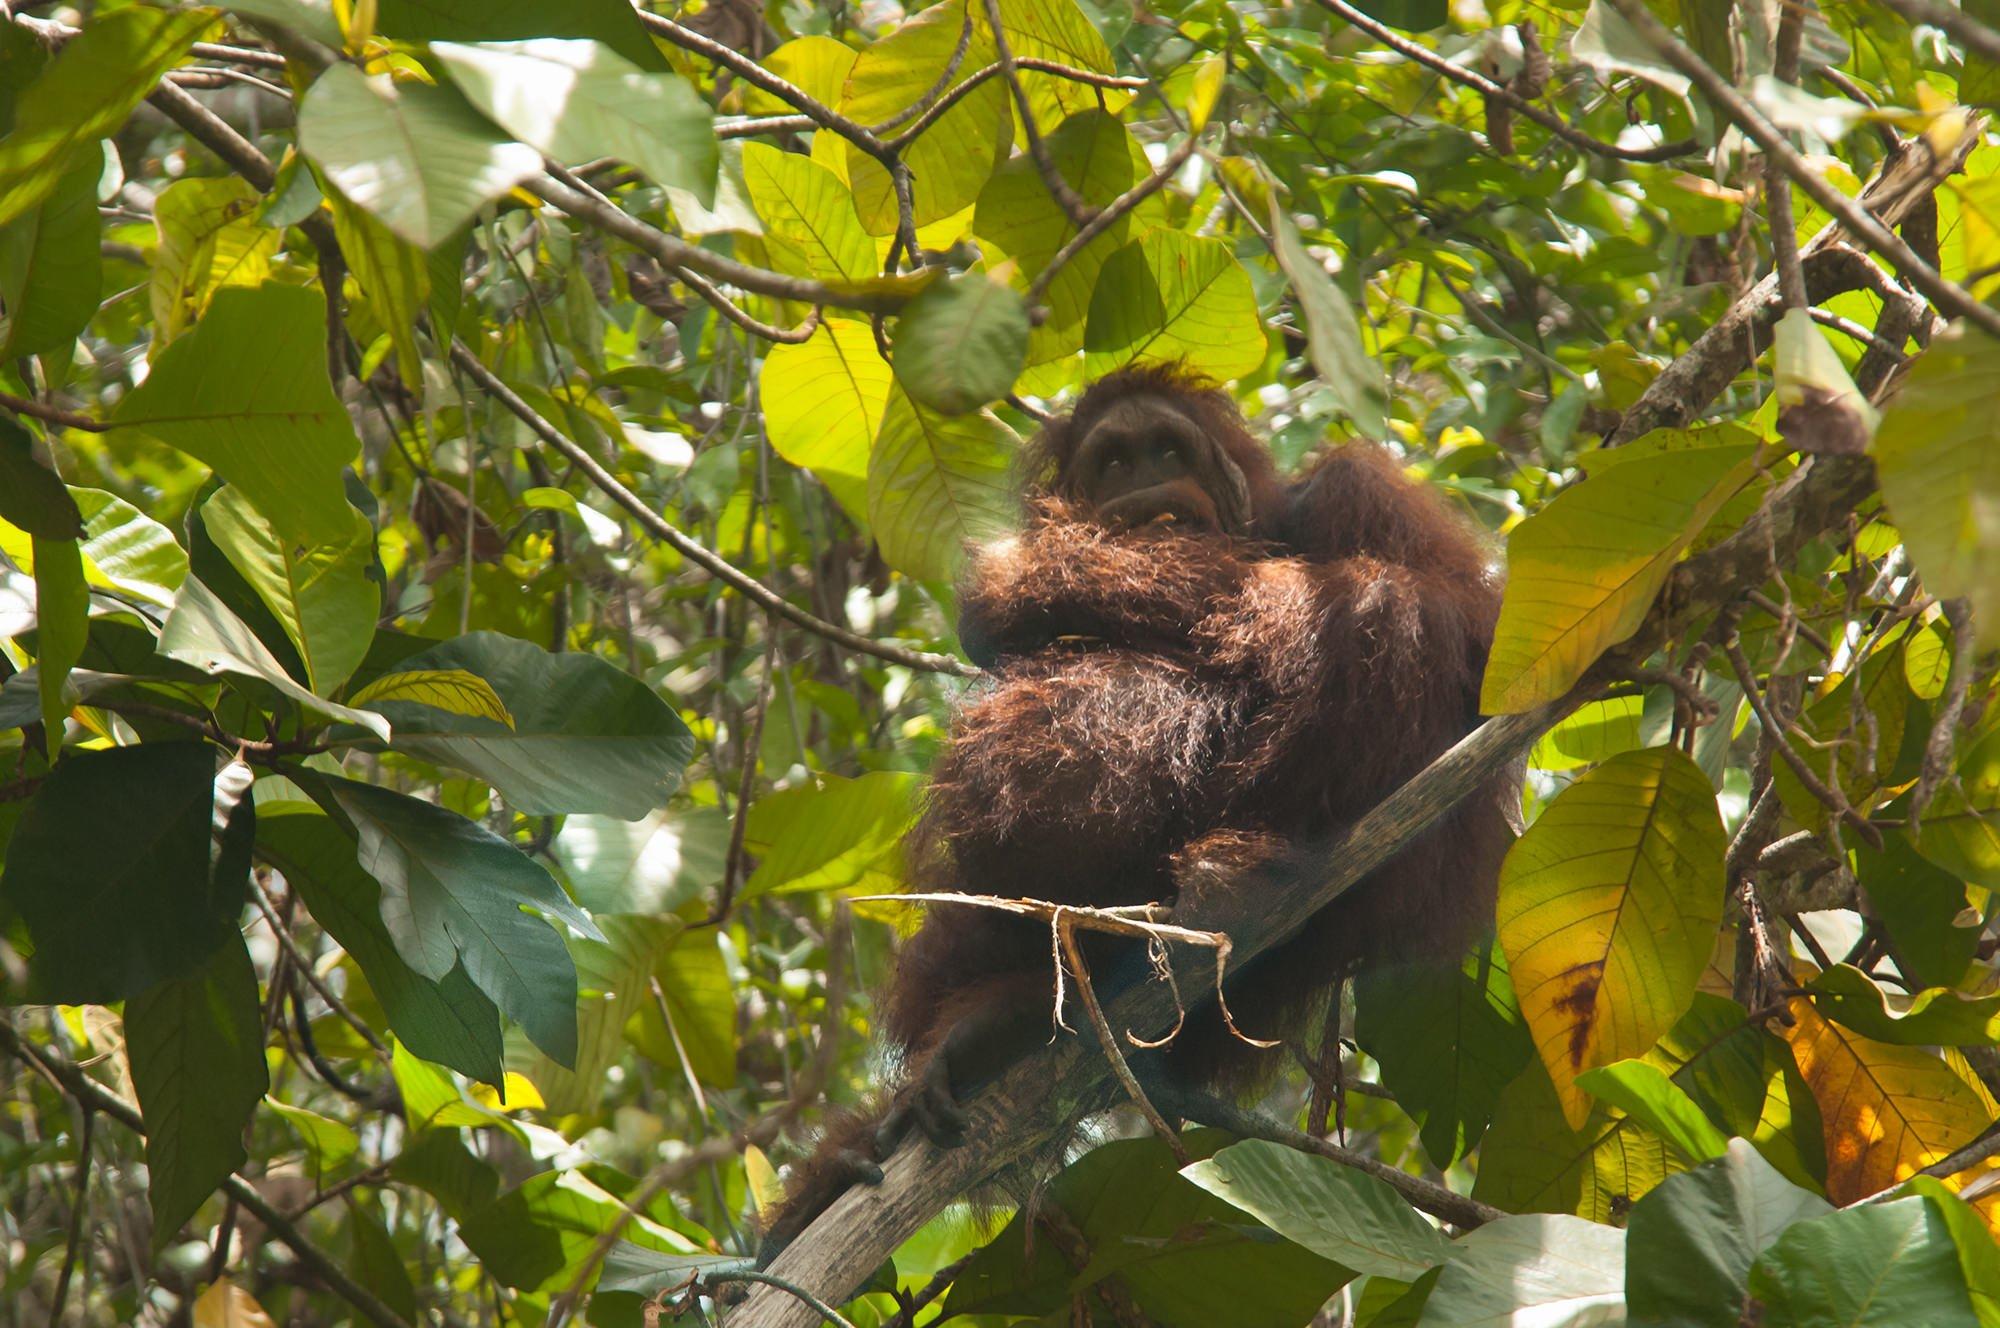 Wildlife of Deramakot - Orangutan